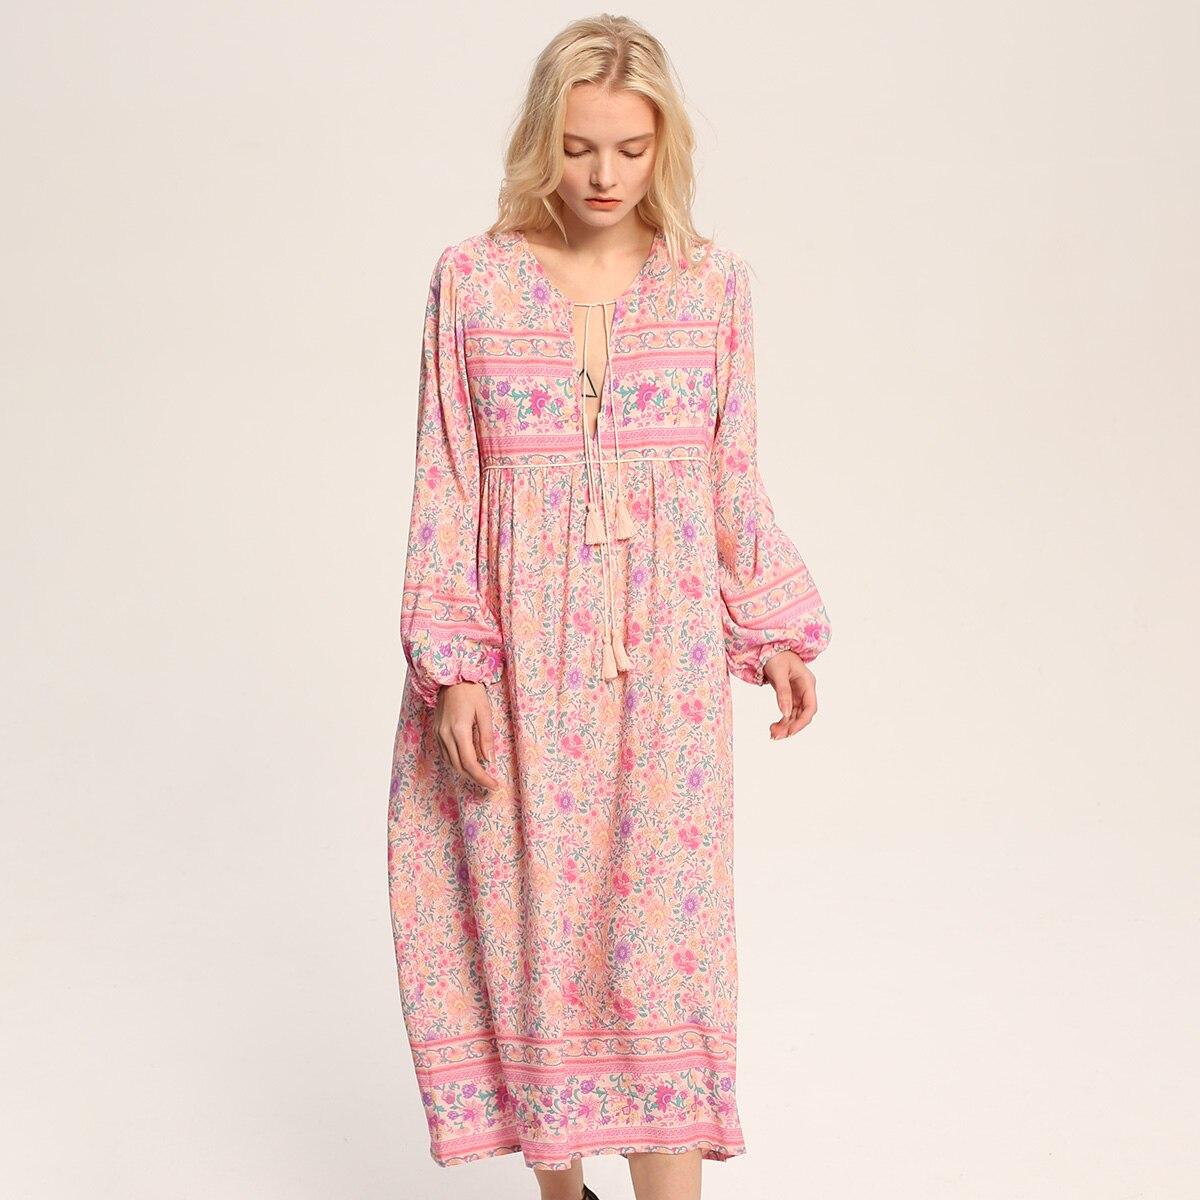 ede3fc07c7 Boho Chic Summer Dress Floral Print Dresses Long Sleeve V-Neck Tassel Long  Dresses Loose